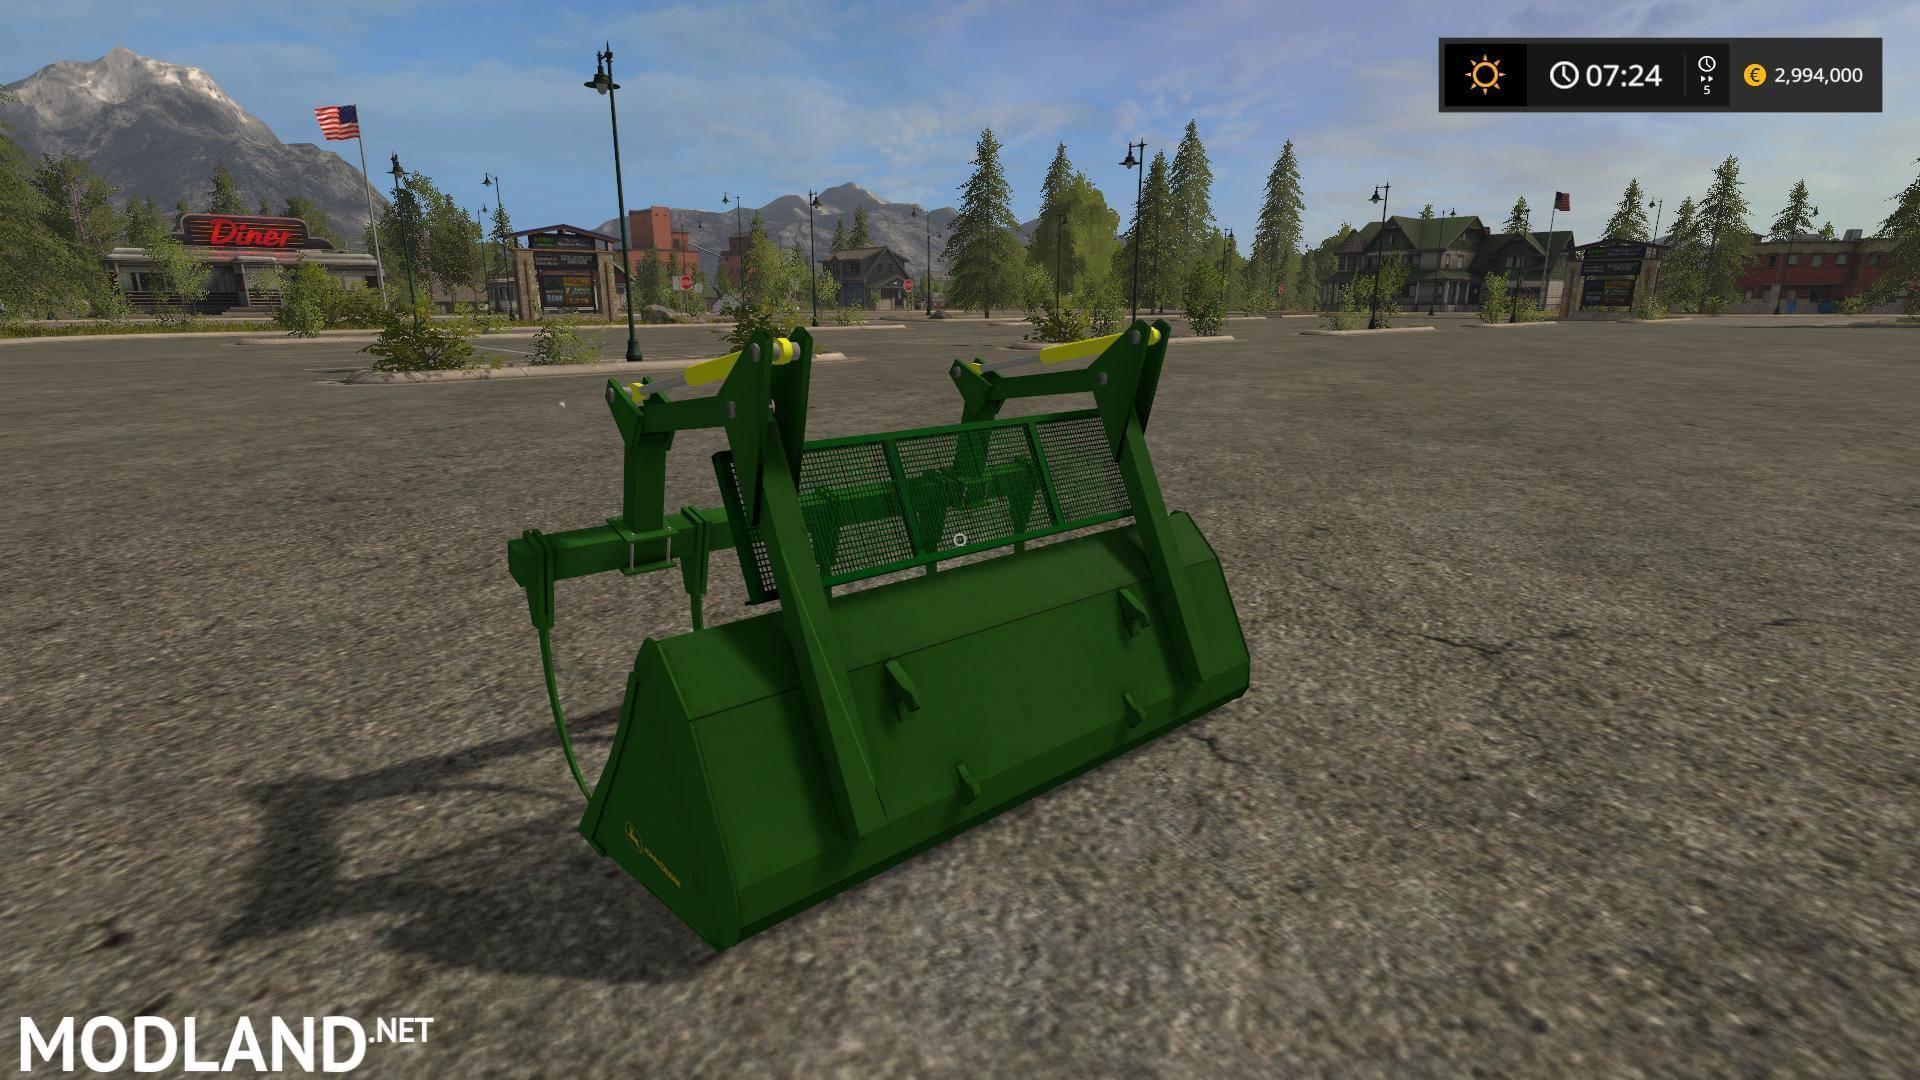 John Deere graple bucket v 1.0 mod Farming Simulator 17